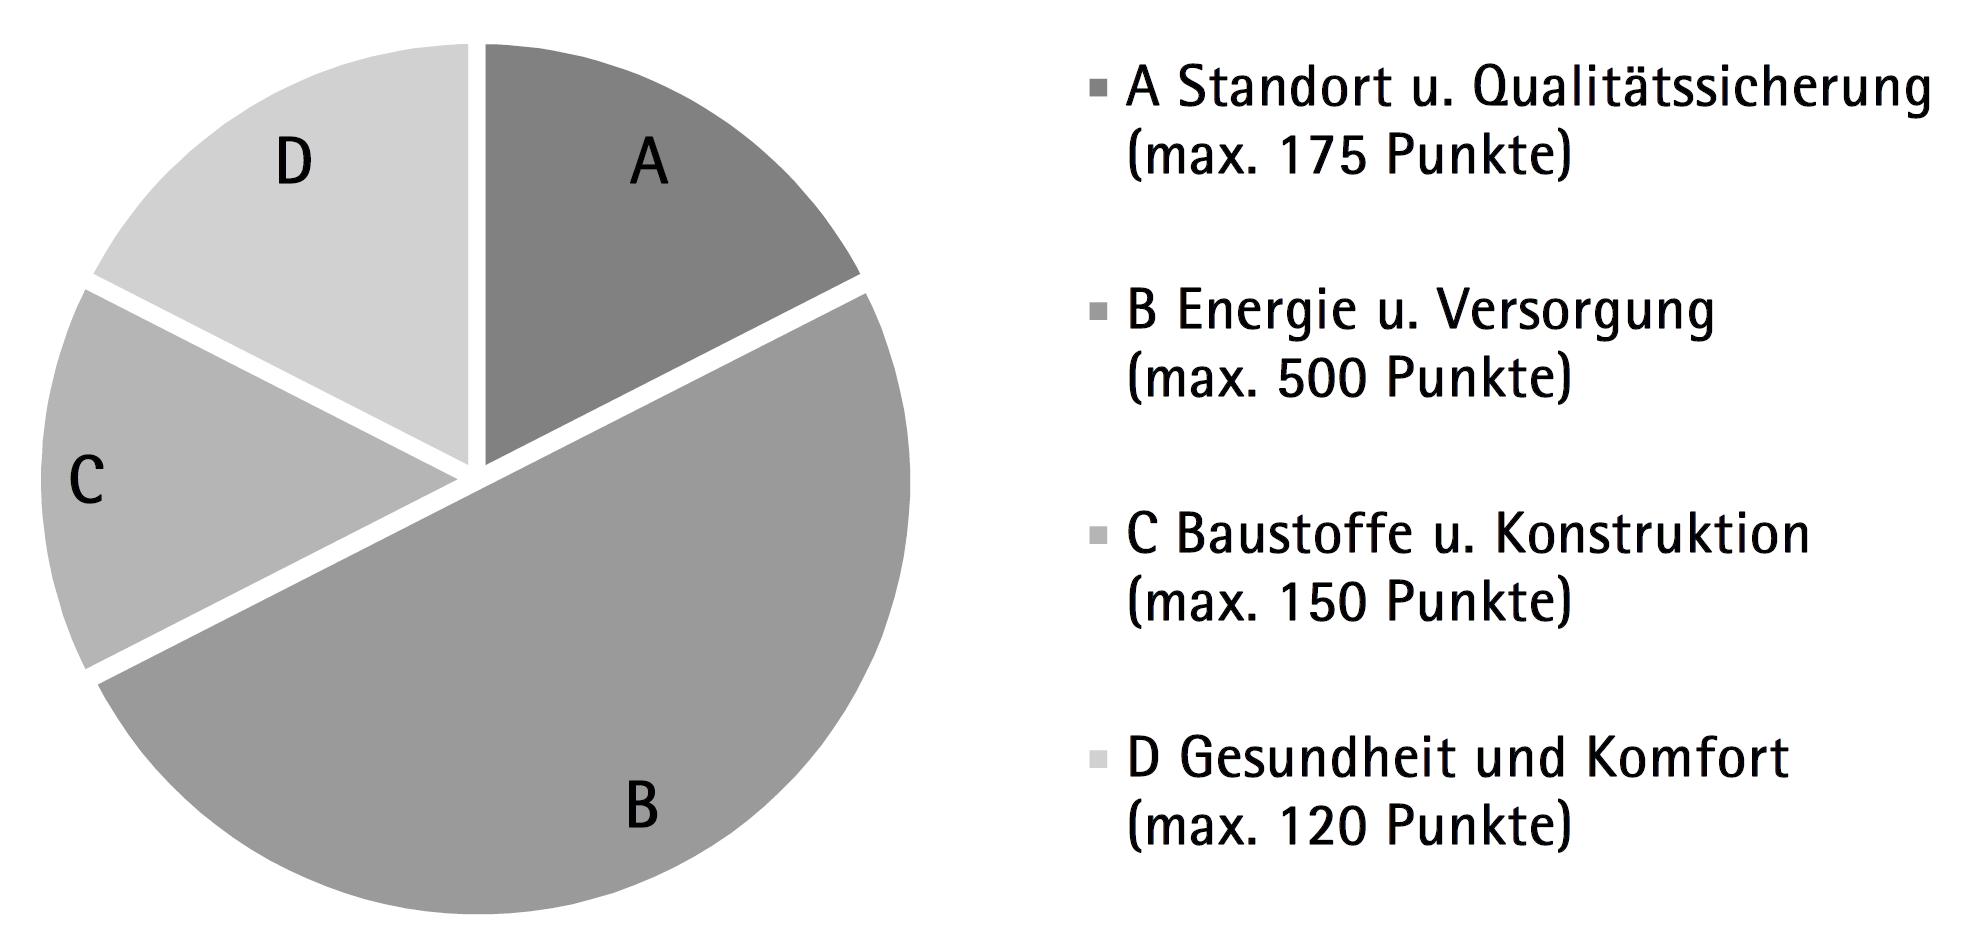 Kriterien-Aufteilung für die Nutzungsart Wohnbau